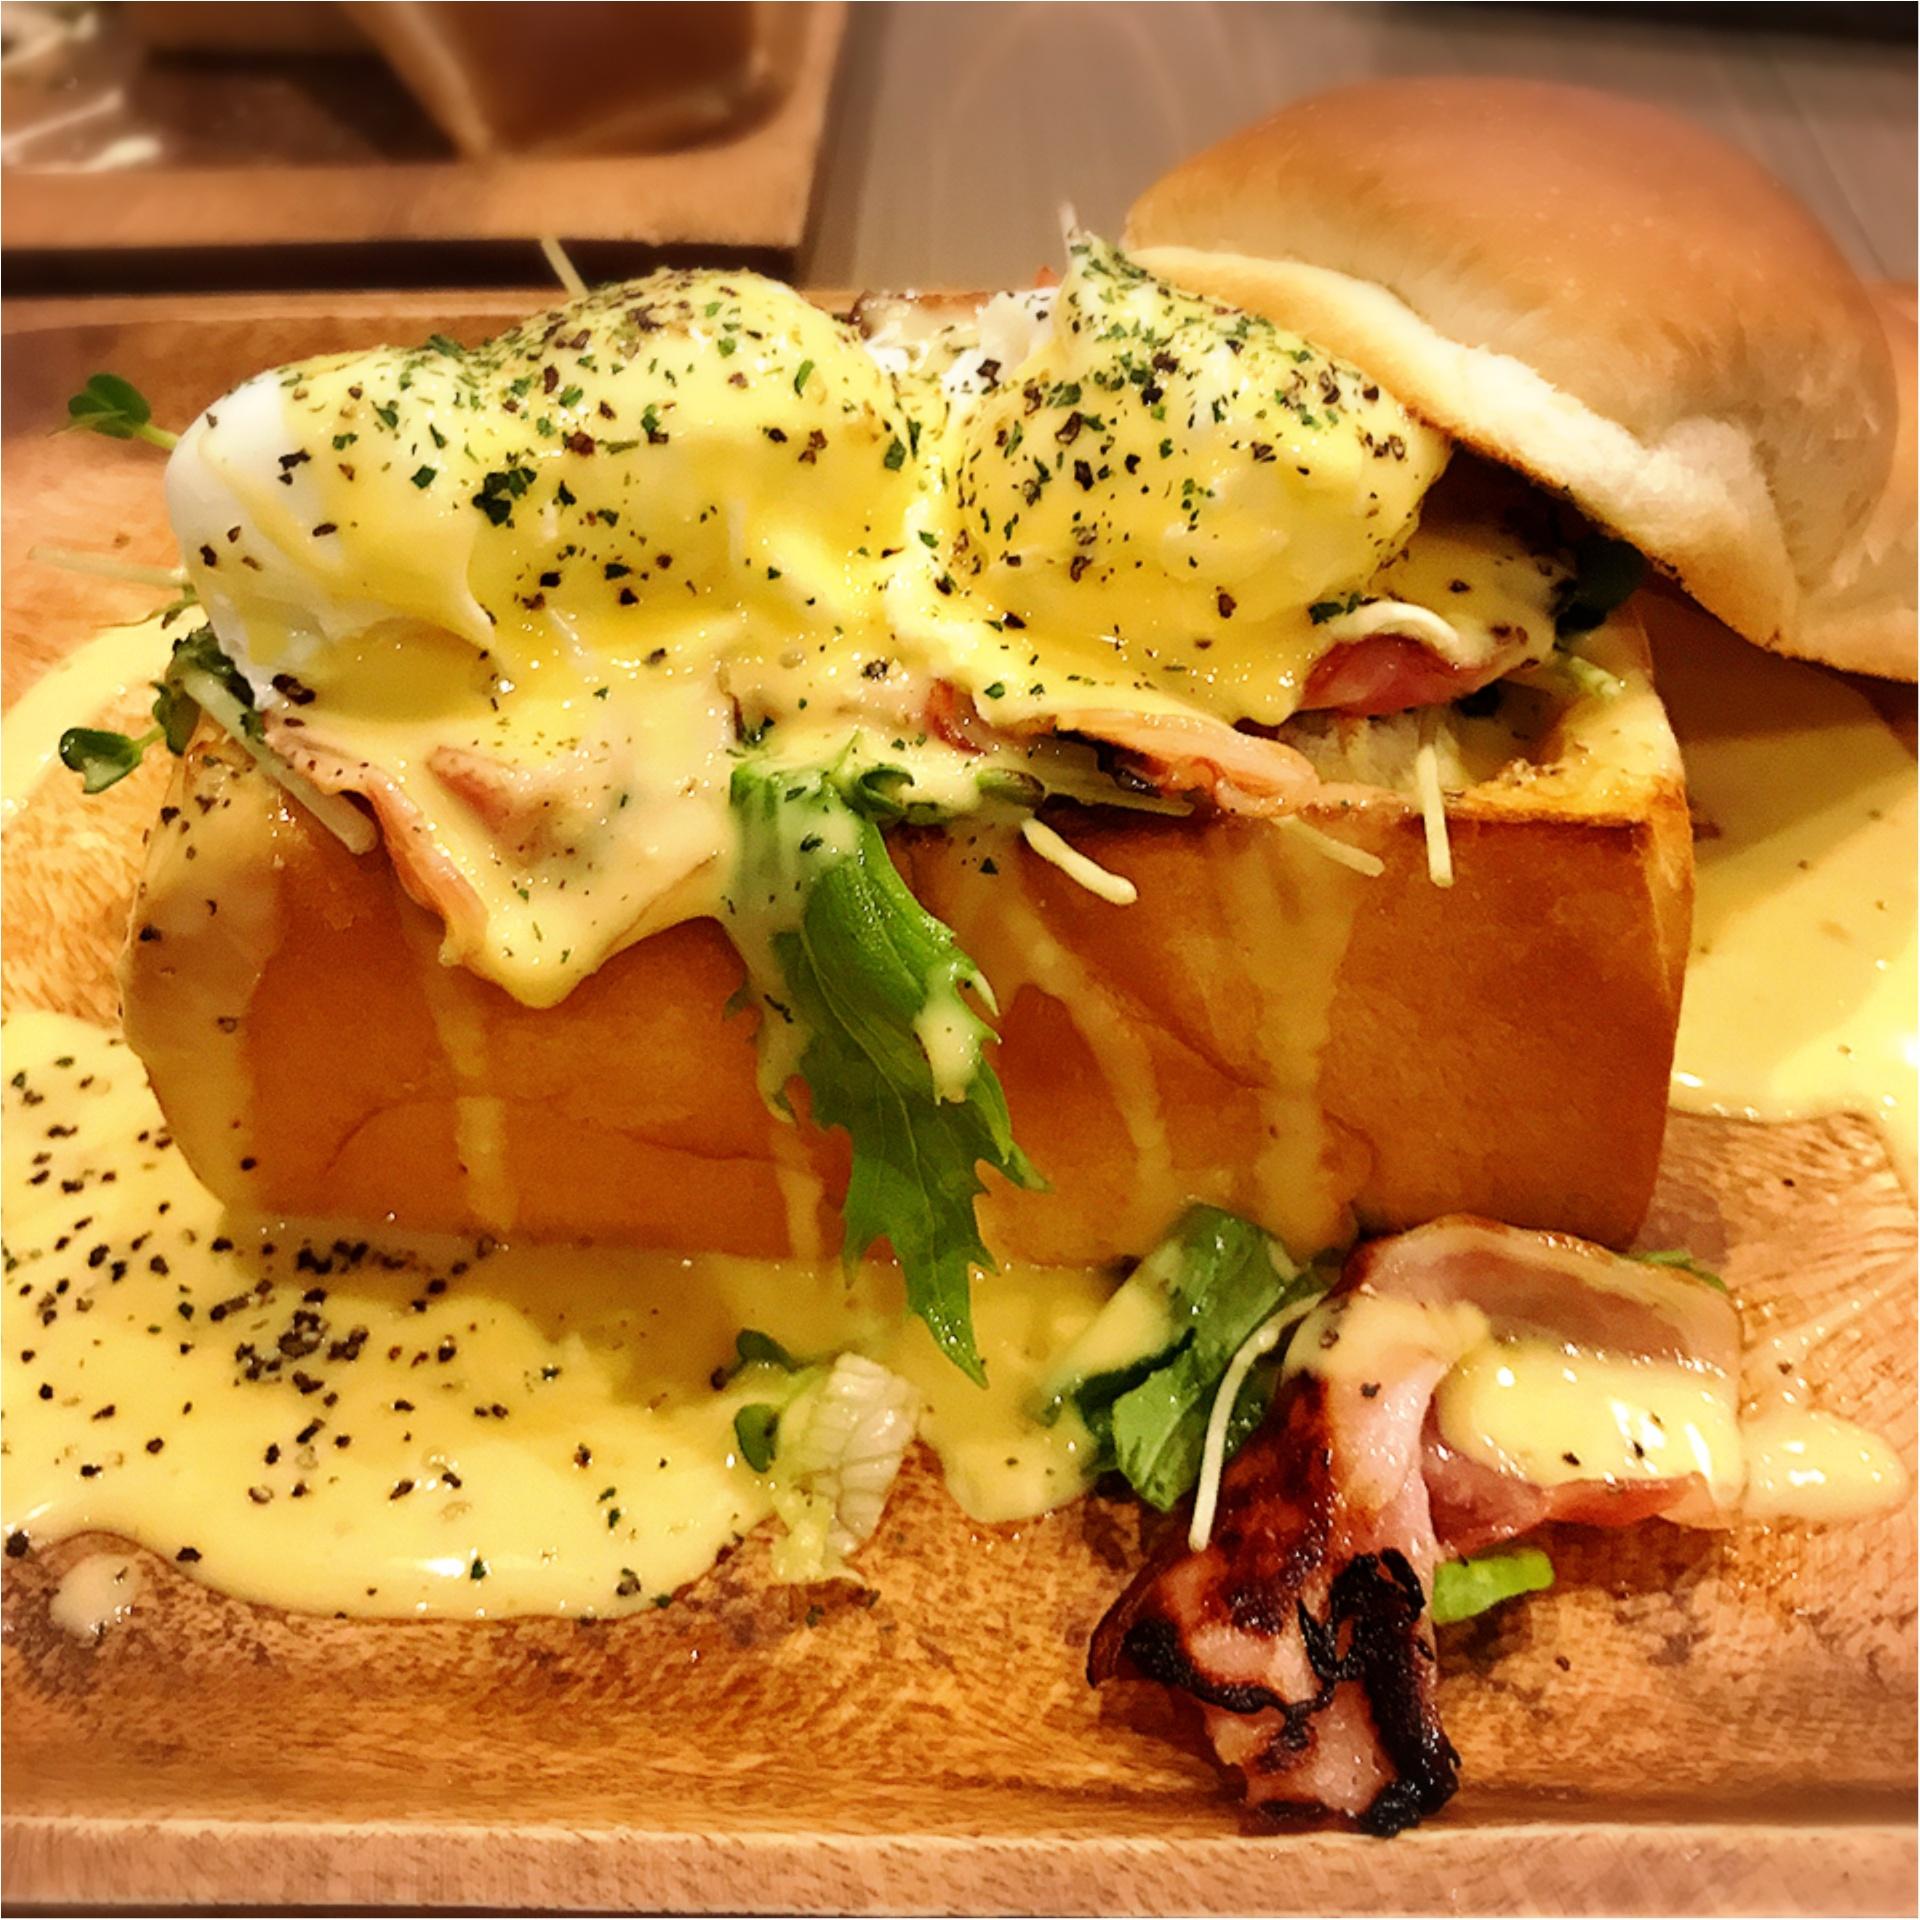 ★食パン丸ごとメインディッシュに⁉︎新感覚トースト『Q-BIC TOAST』っていったい何?★_3